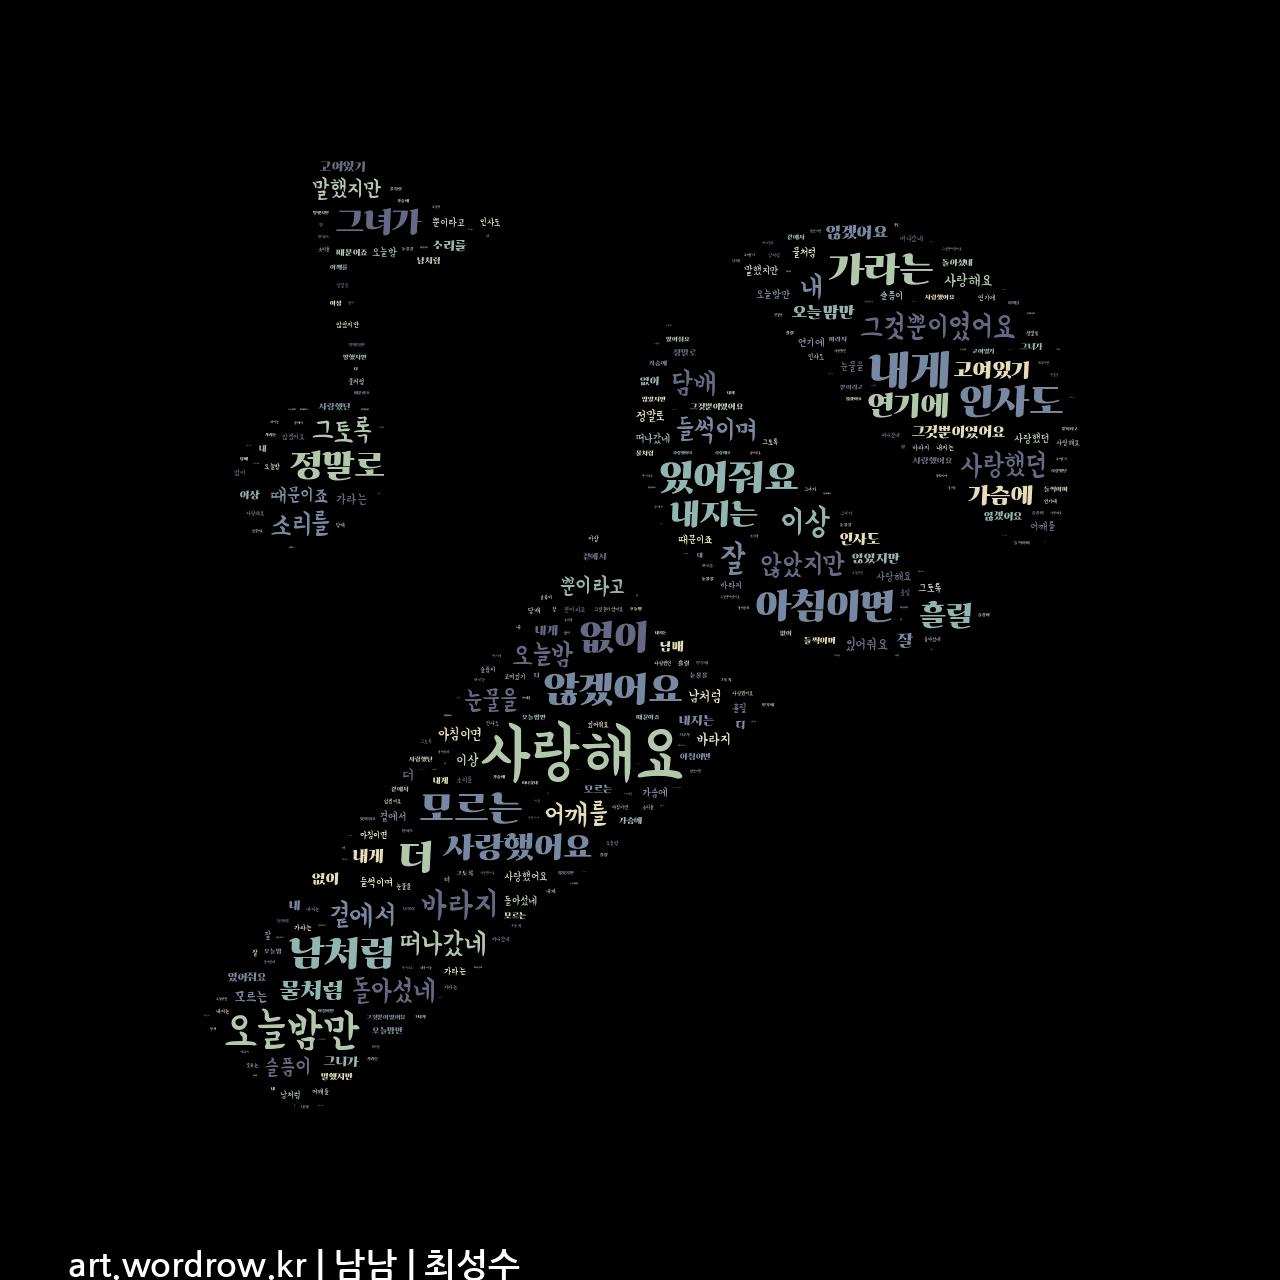 워드 아트: 남남 [최성수]-76